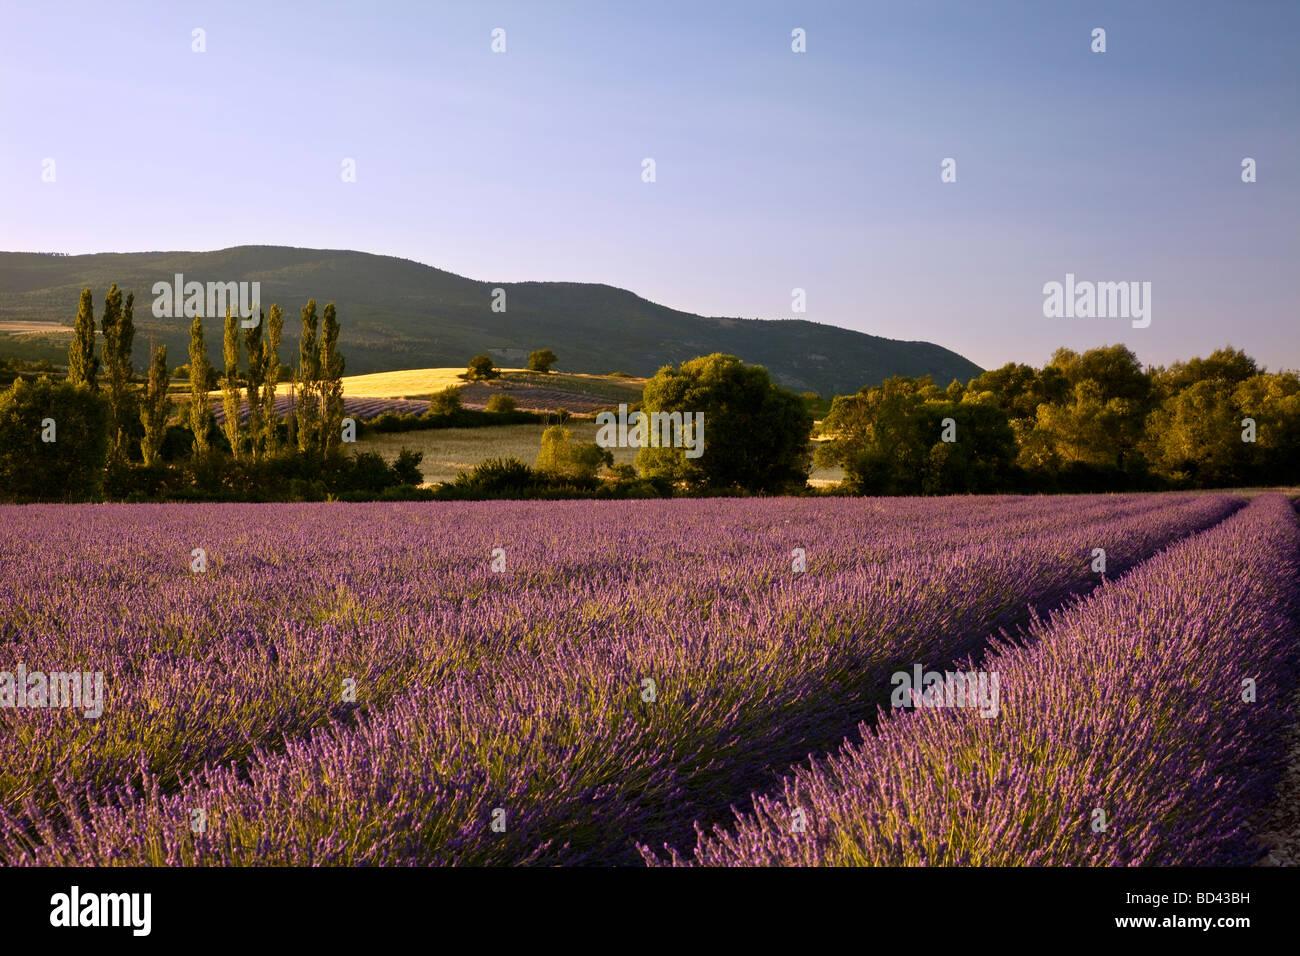 Champ de lavande, avec des collines et les terres agricoles au-delà près de Sault, Provence France Photo Stock